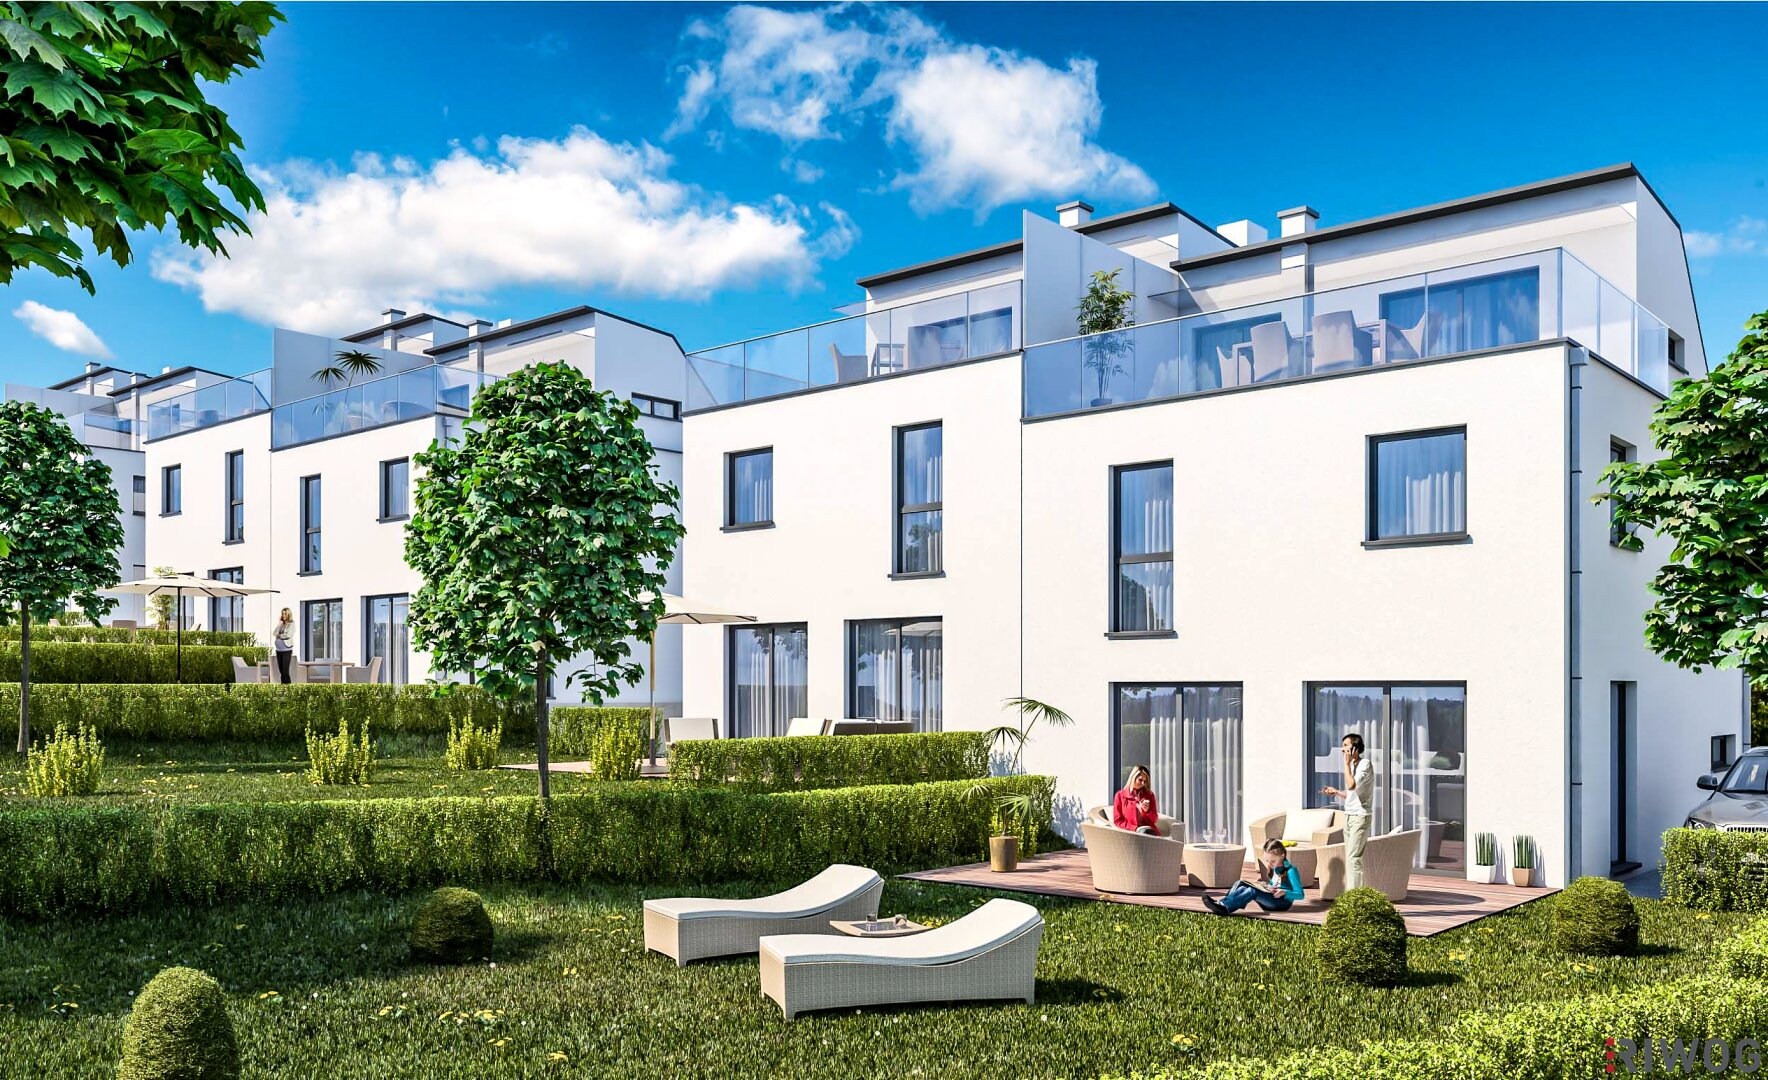 Perlhof exklusiv - Leben im highend Doppelhaus (Projektansicht)